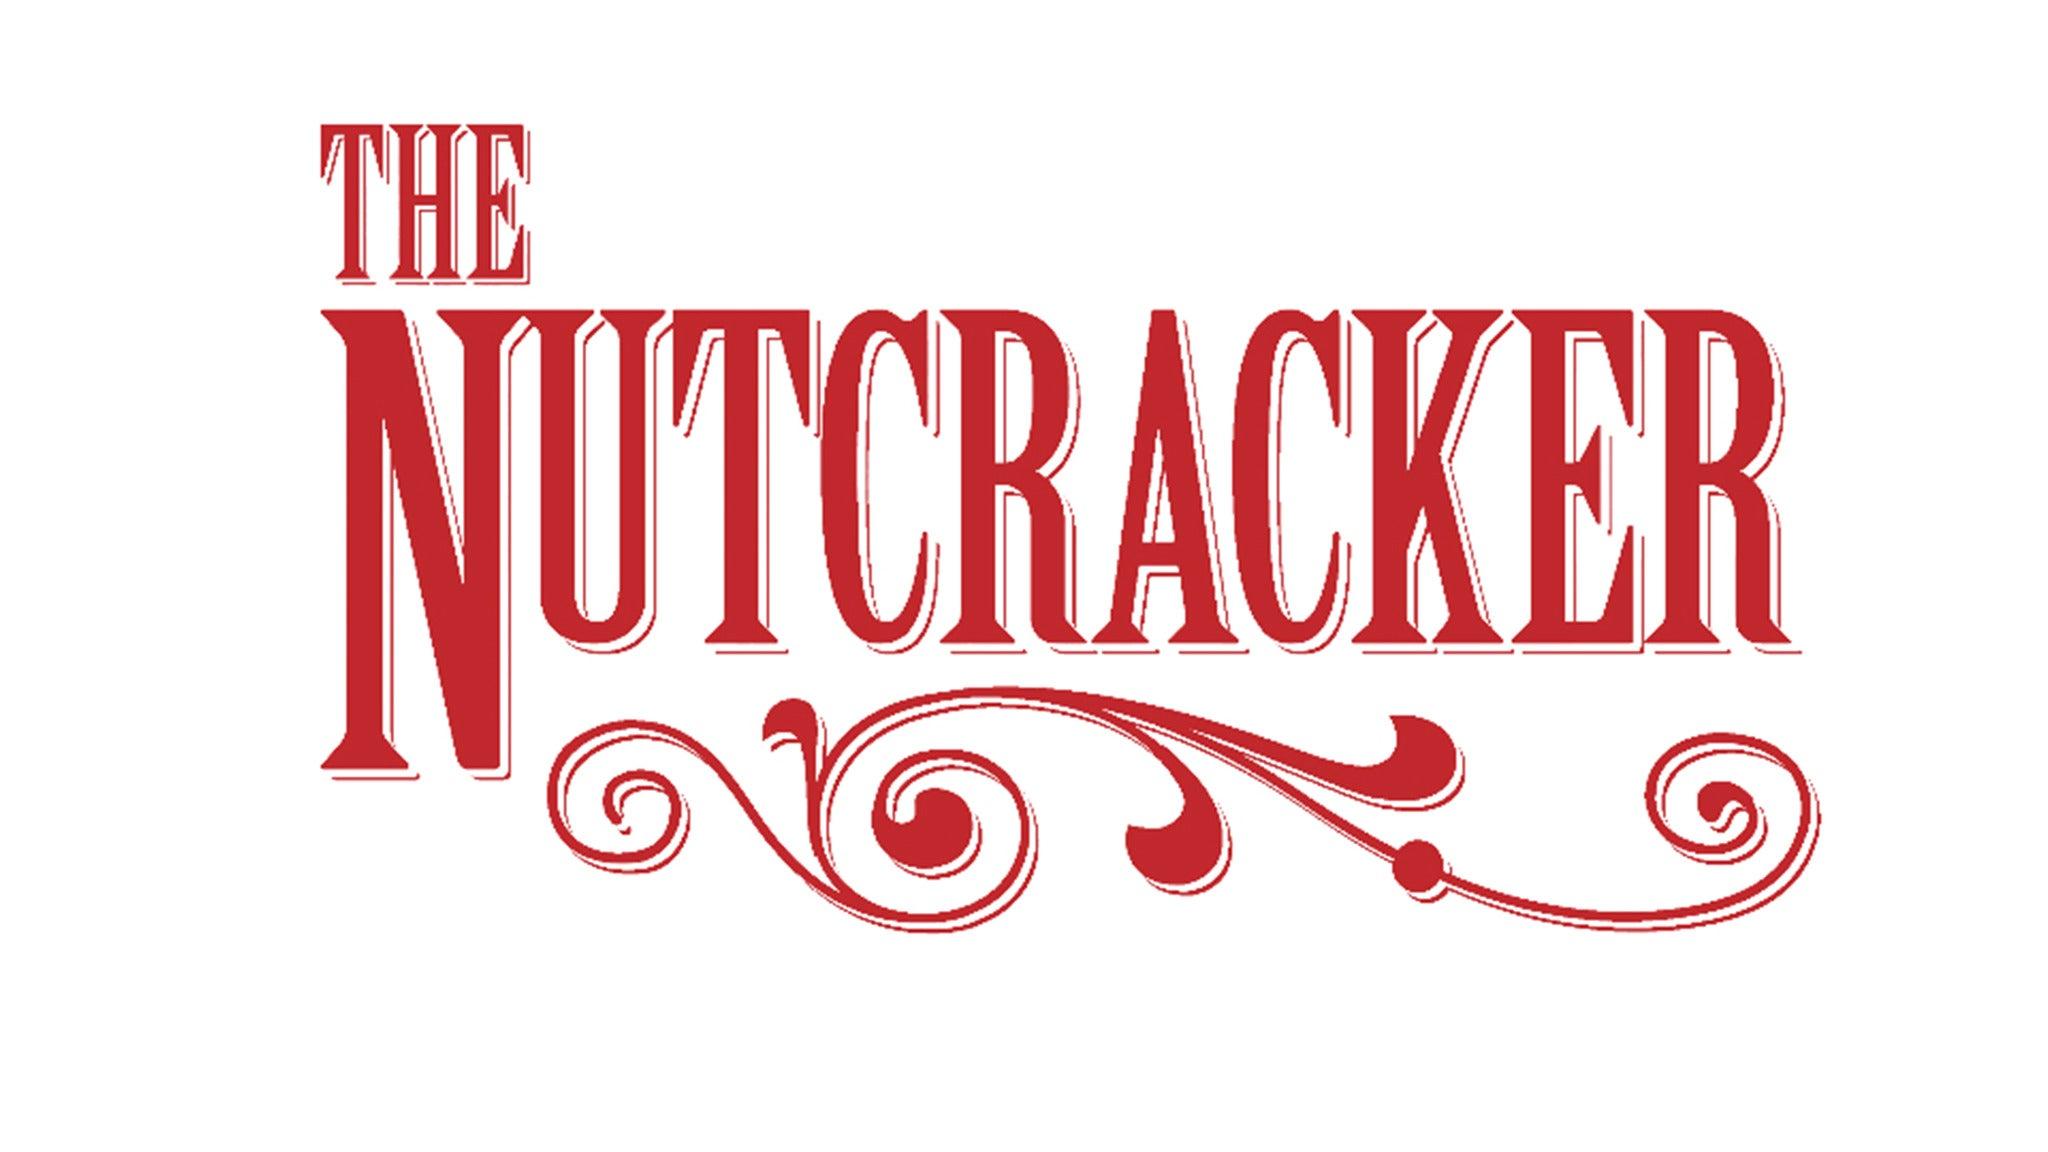 Dancenter North Presents: The Magic Of The Nutcracker